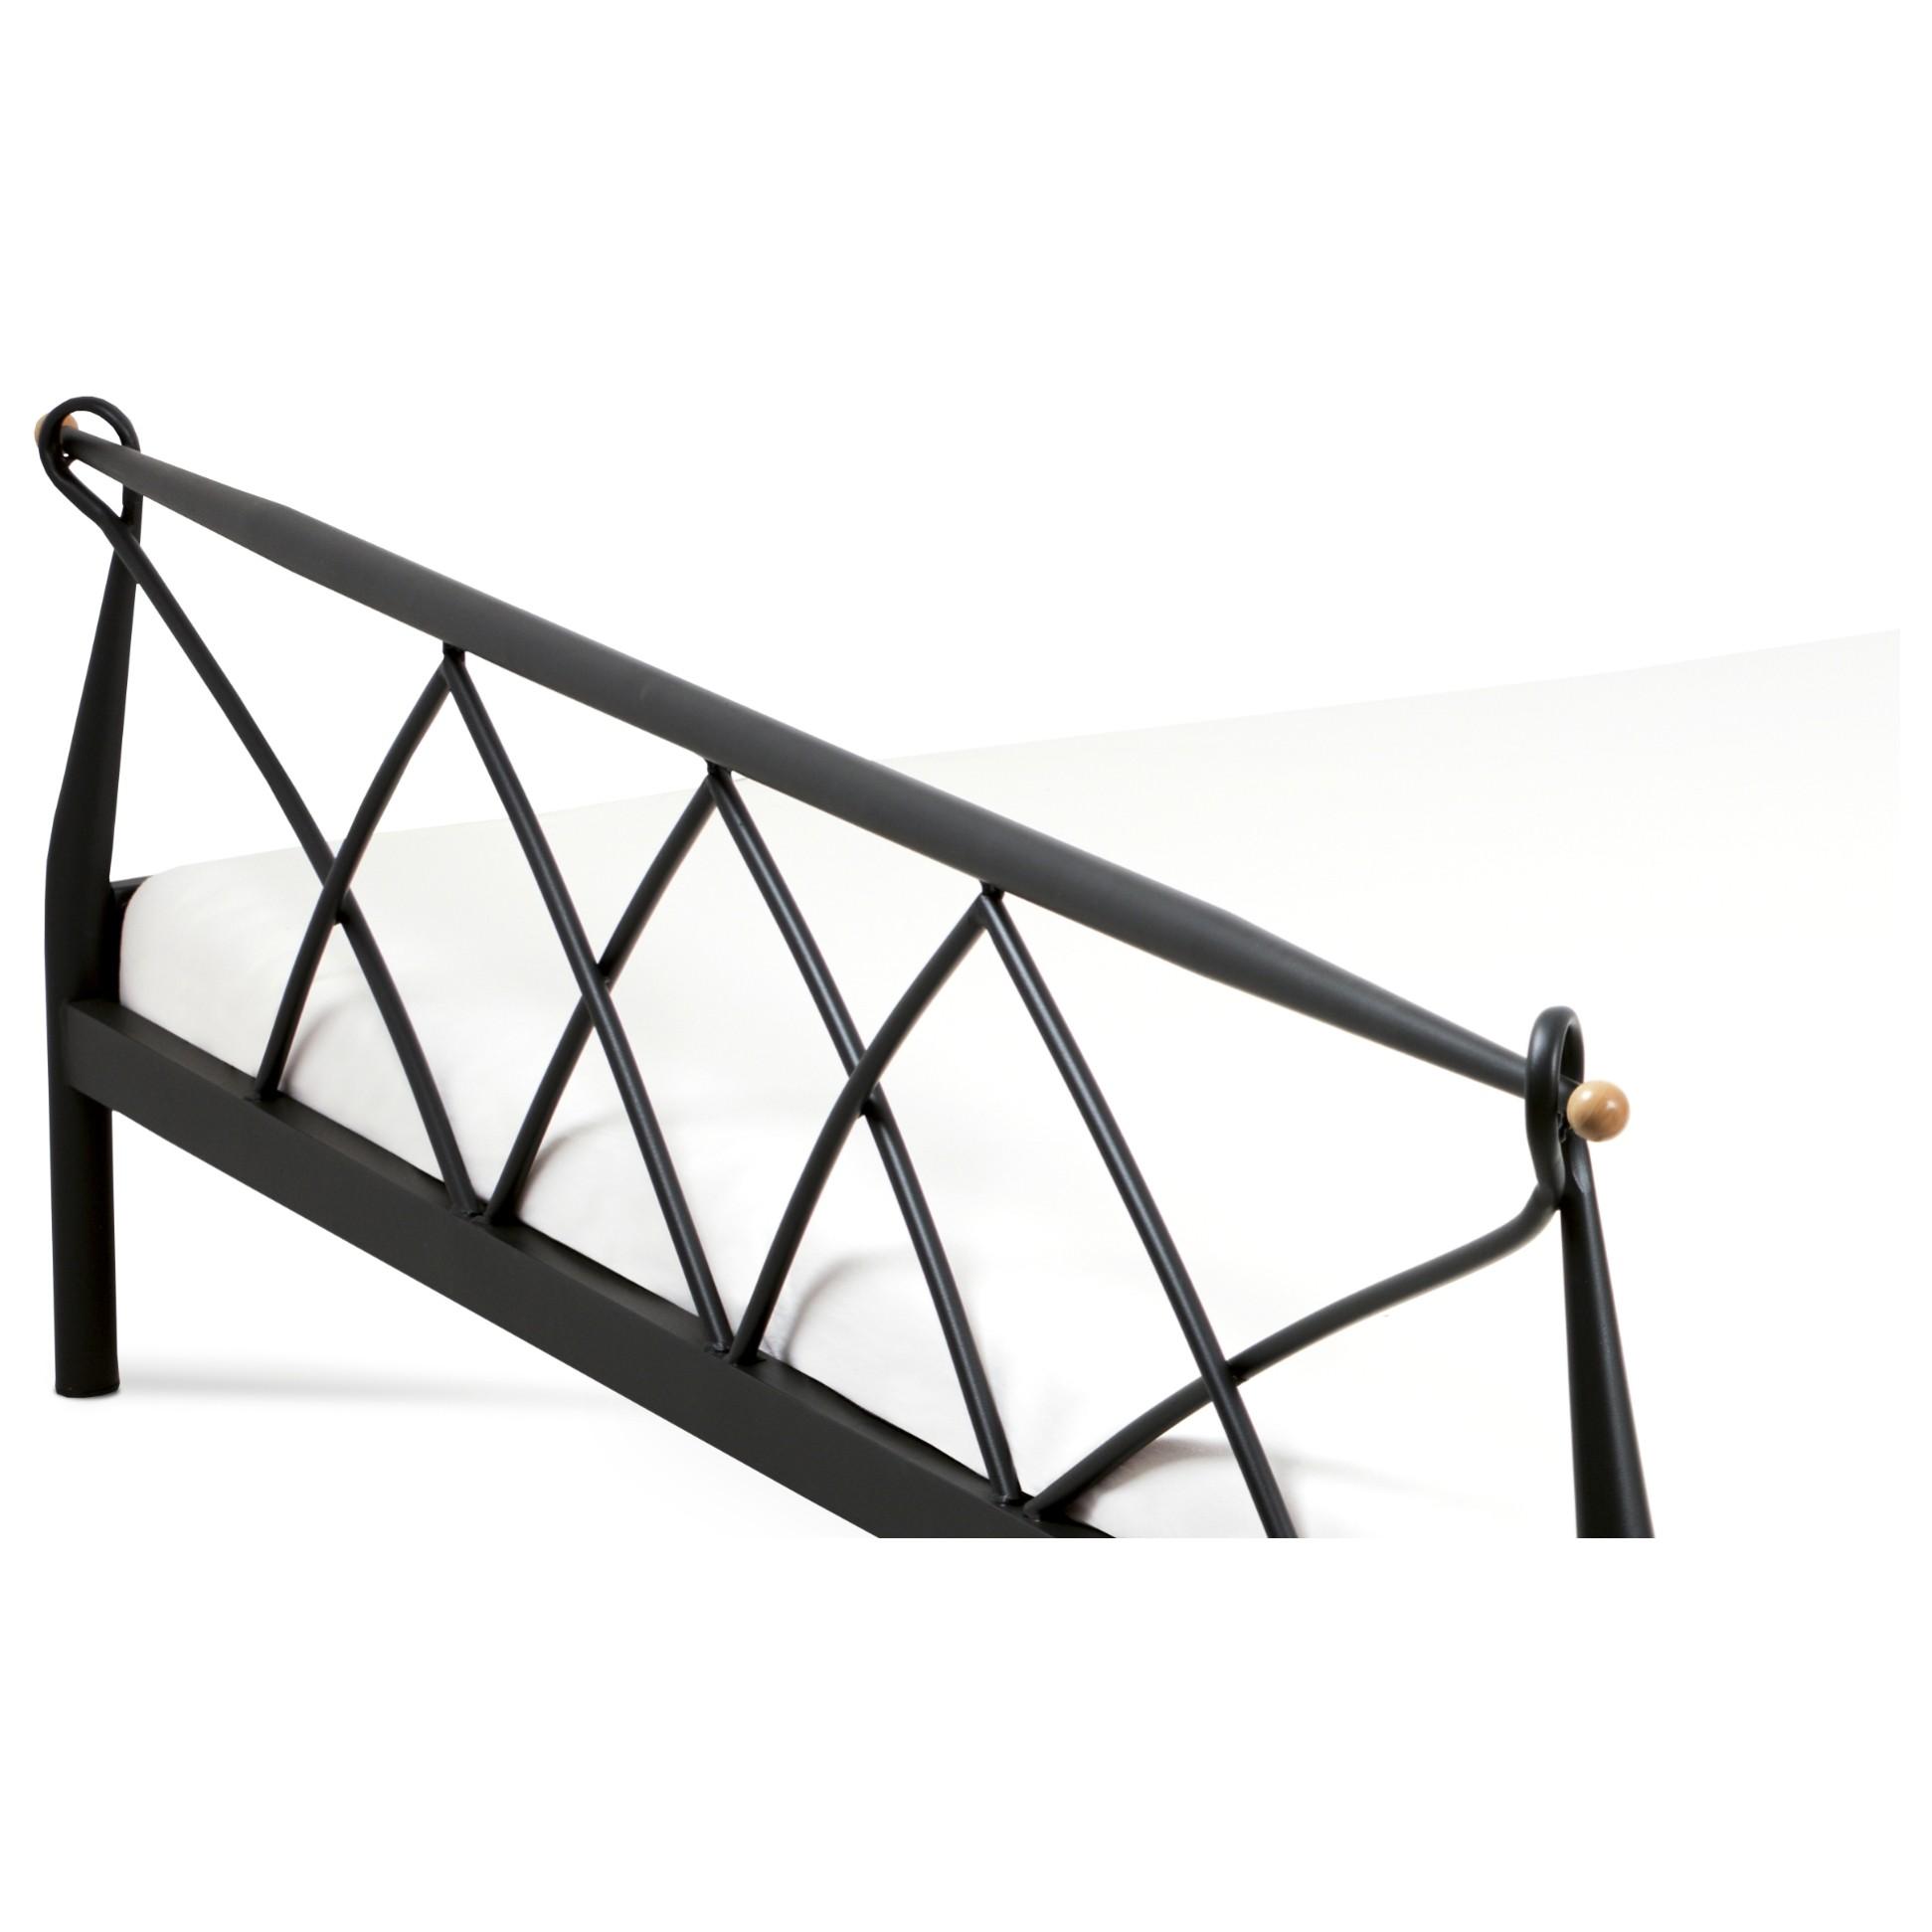 Sconto Posteľ MARIANA čierna, 180x200 cm Základom manželskej postele MARIANA je stabilný a odolný kovový rám.